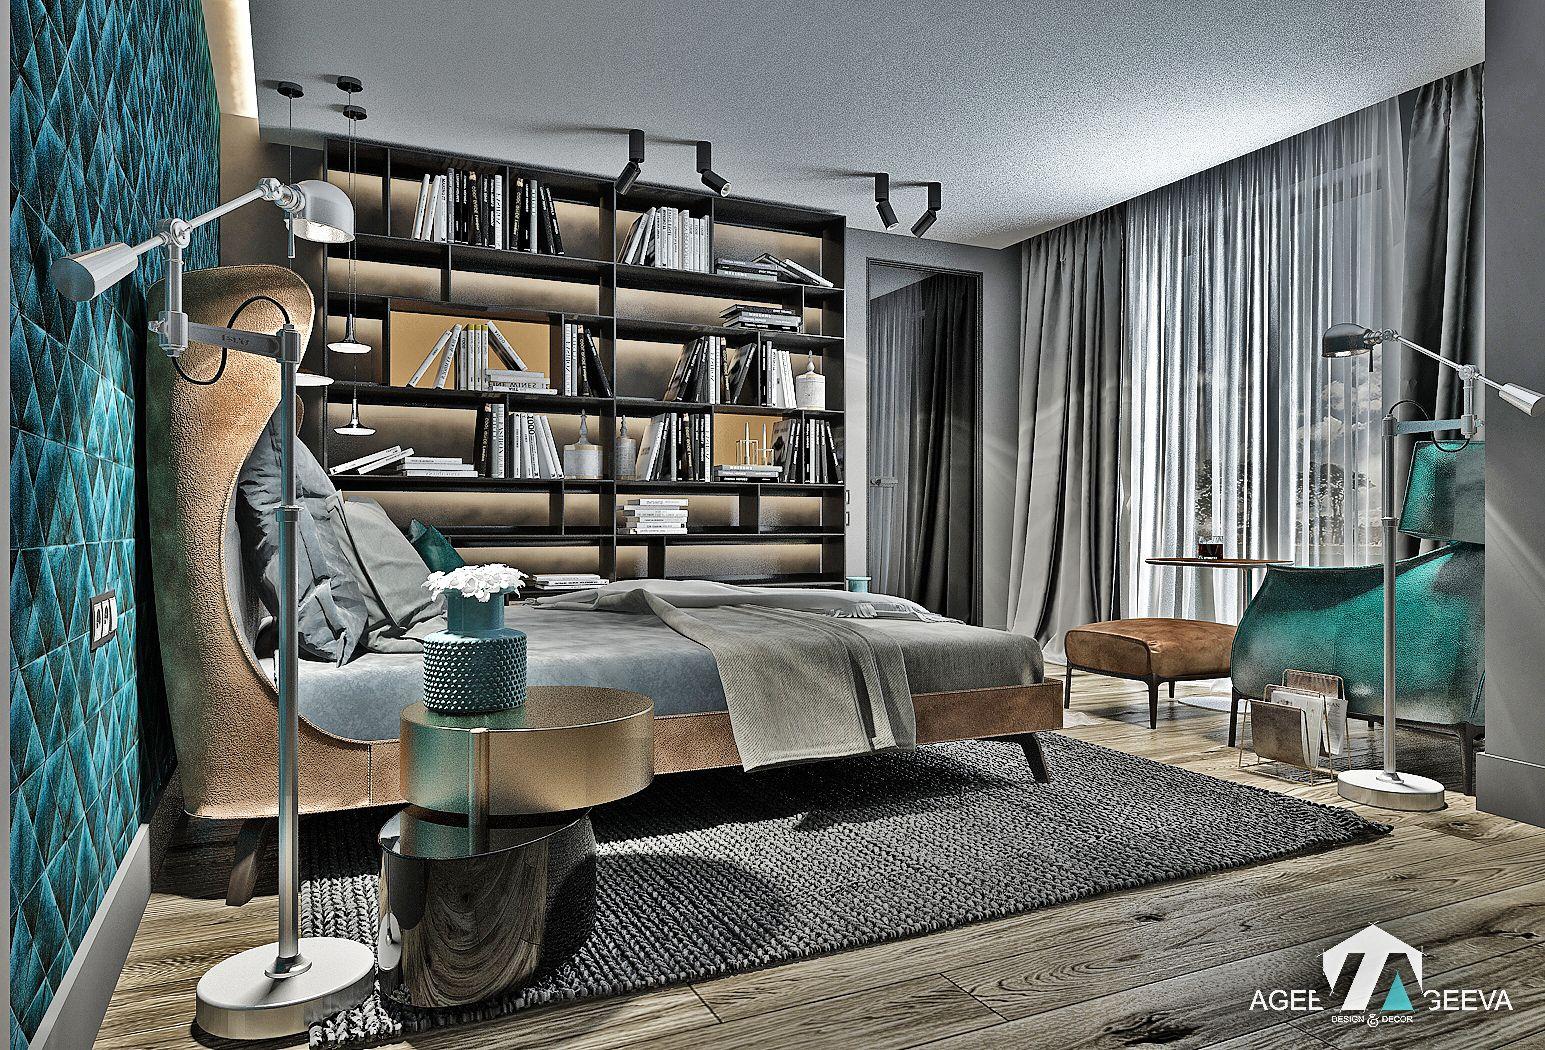 дизайн спальни в загородном доме, the `70s, camel& grey& ocean wave color   www.ageev-ageeva.com